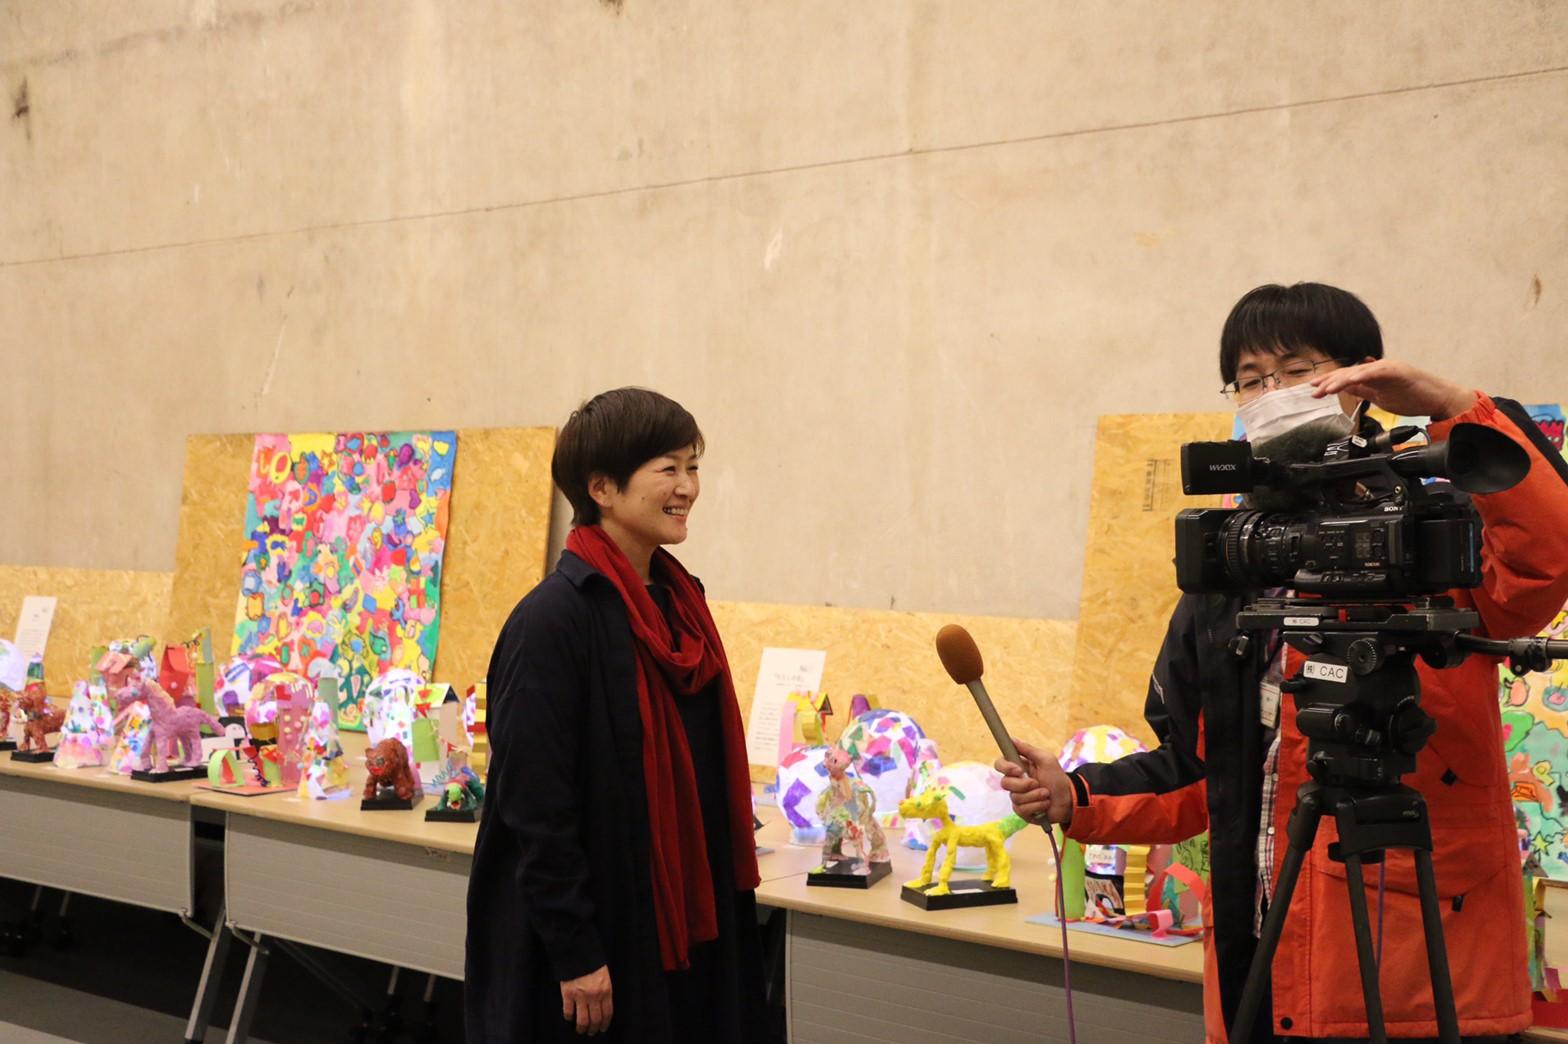 作品展の取材と放送日のお知らせ イメージ画像